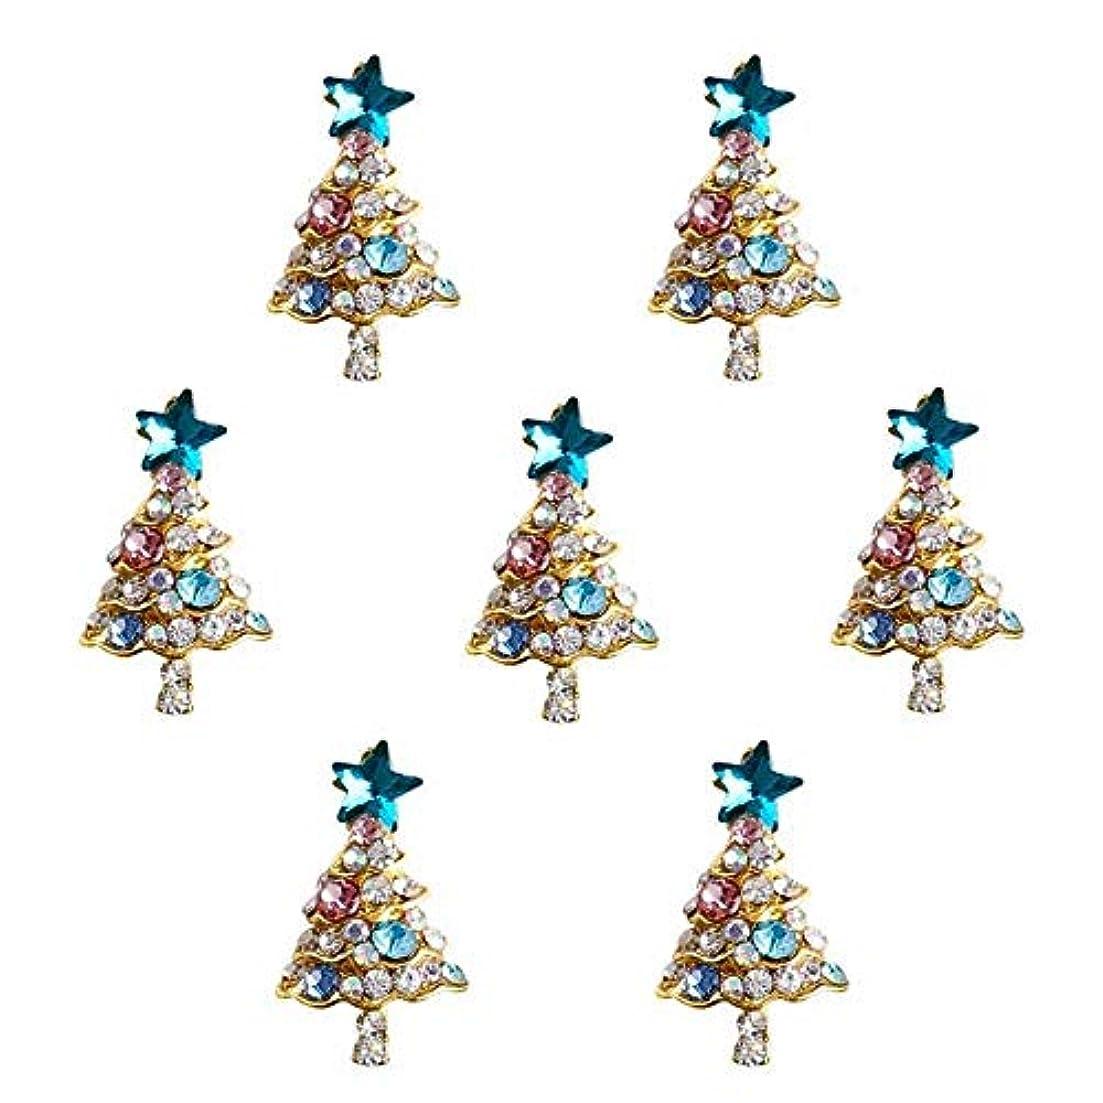 フォーク動クール10個入り/ロット3Dラインストーンの装飾ブルーグリッタースタークリスマスツリーのデザイン接着剤ネイルアートDIYスタッドは、合金用品